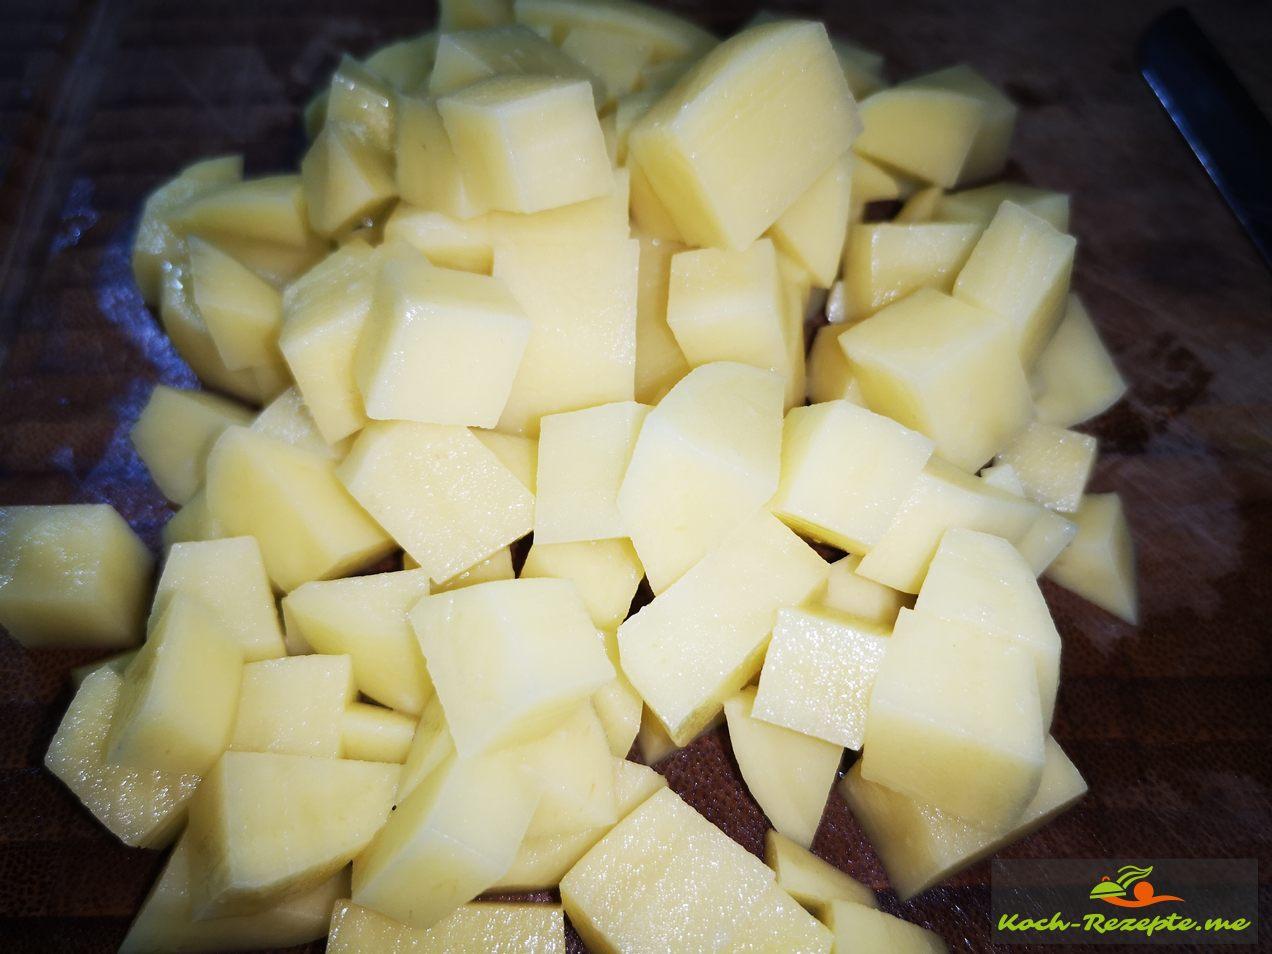 geschälte Kartoffeln in Würfel schneiden